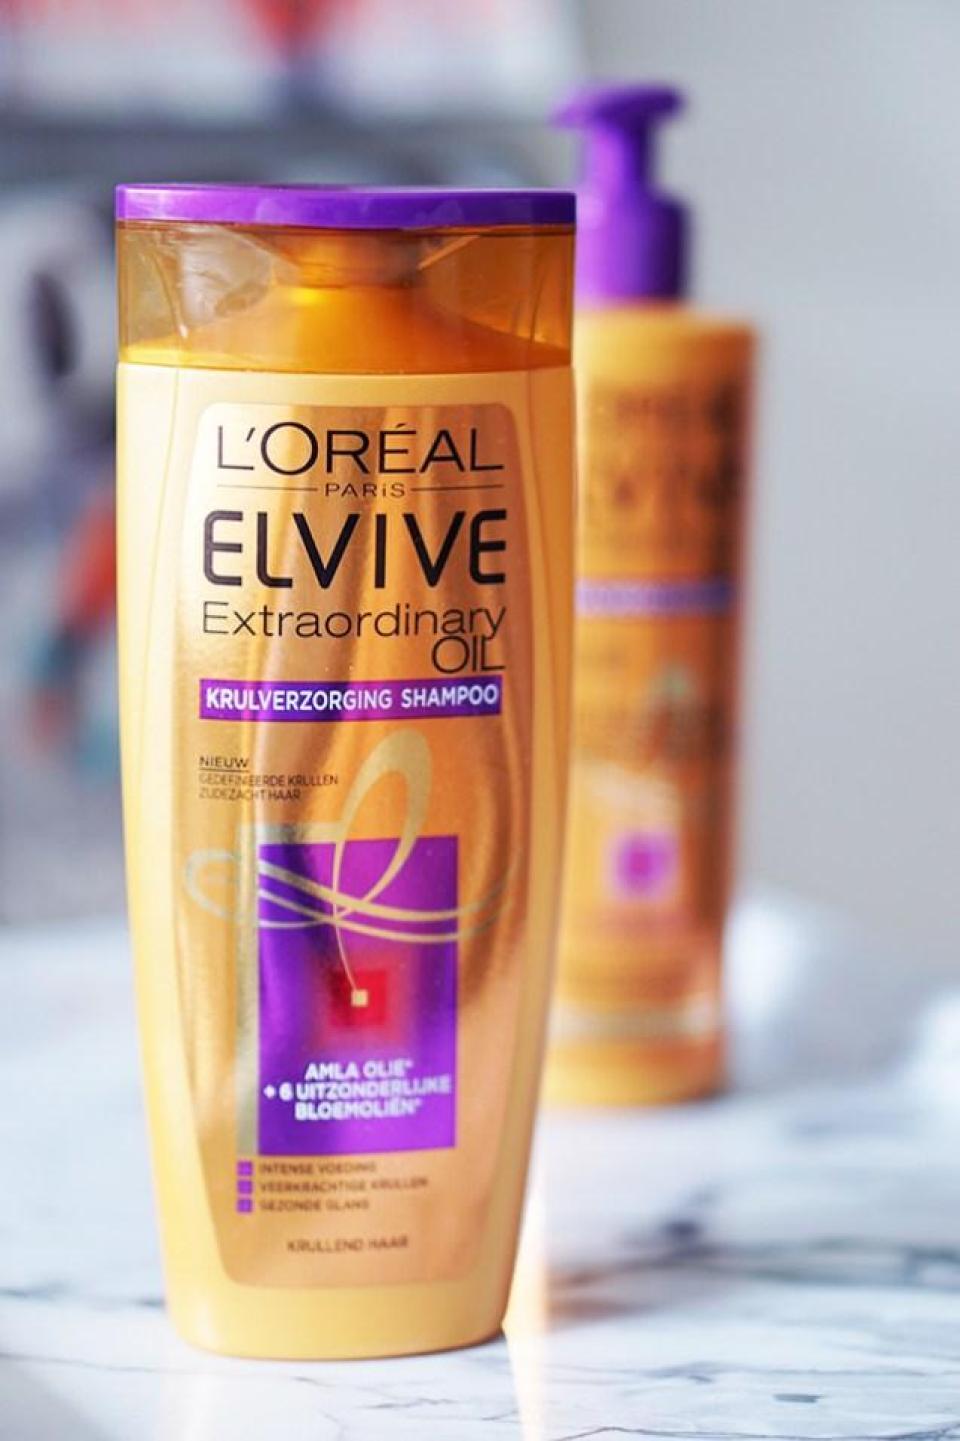 Elvive shampoo